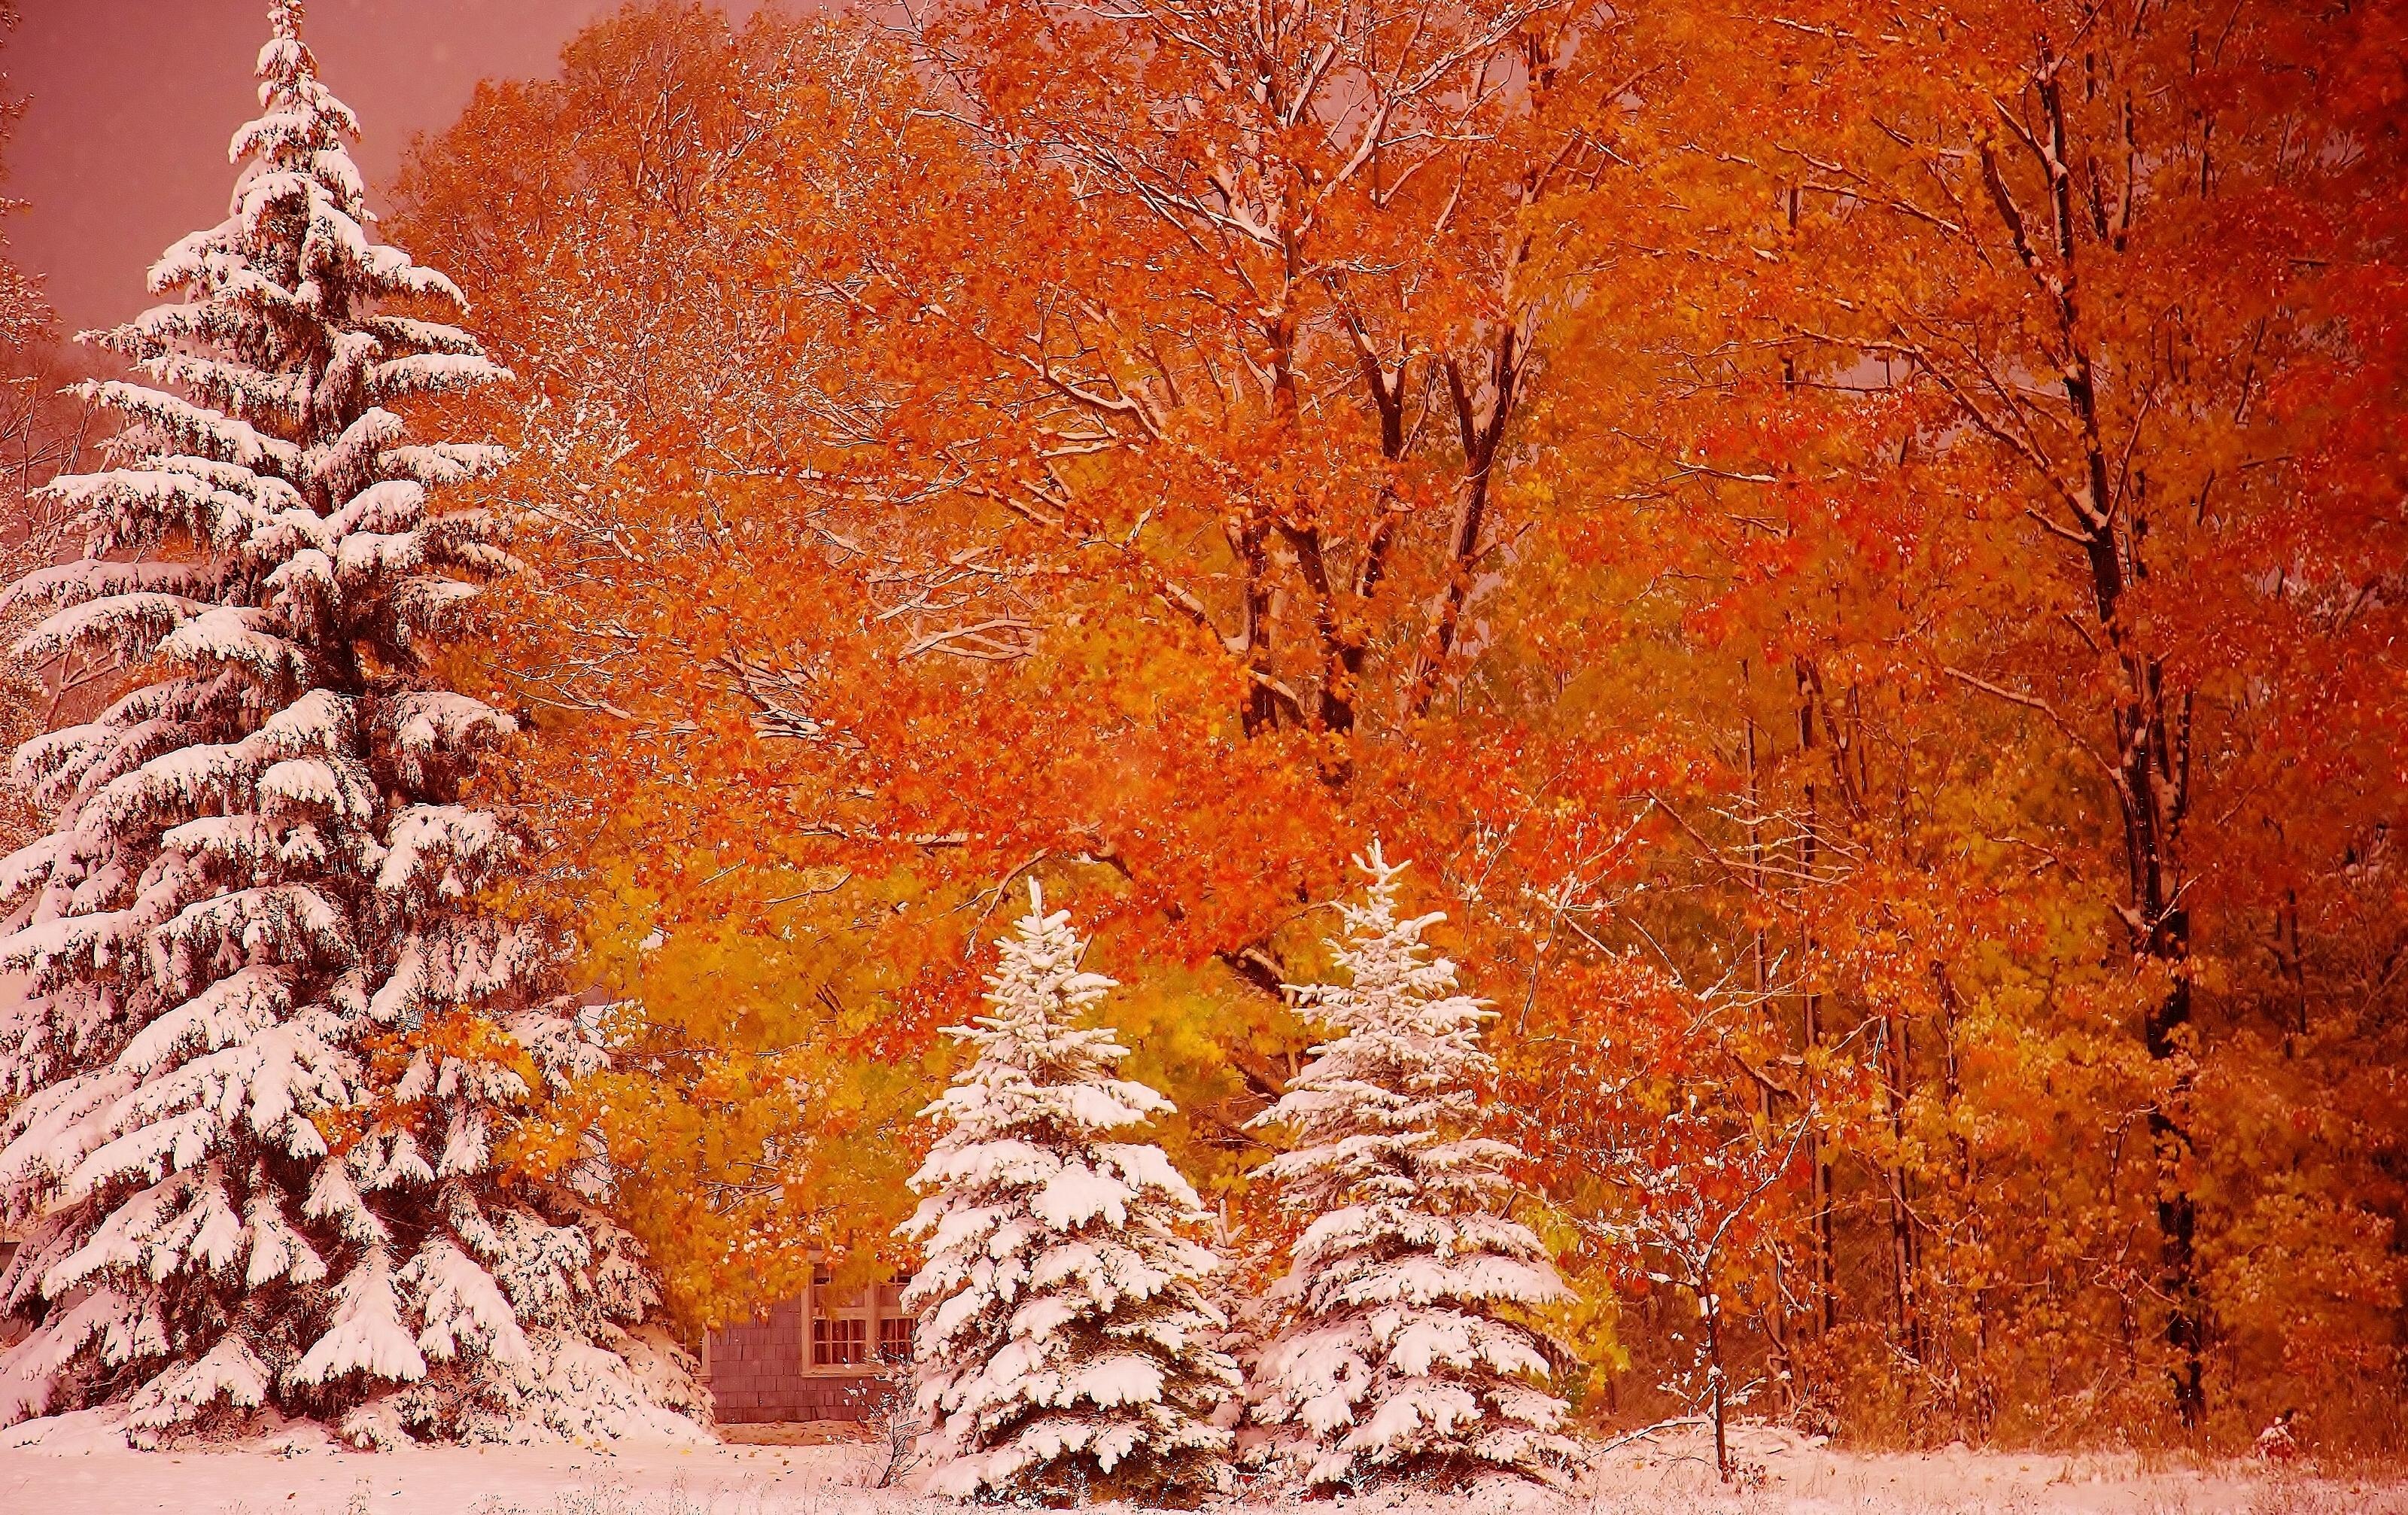 обои на рабочий стол природа осень и зима цветы № 230127  скачать